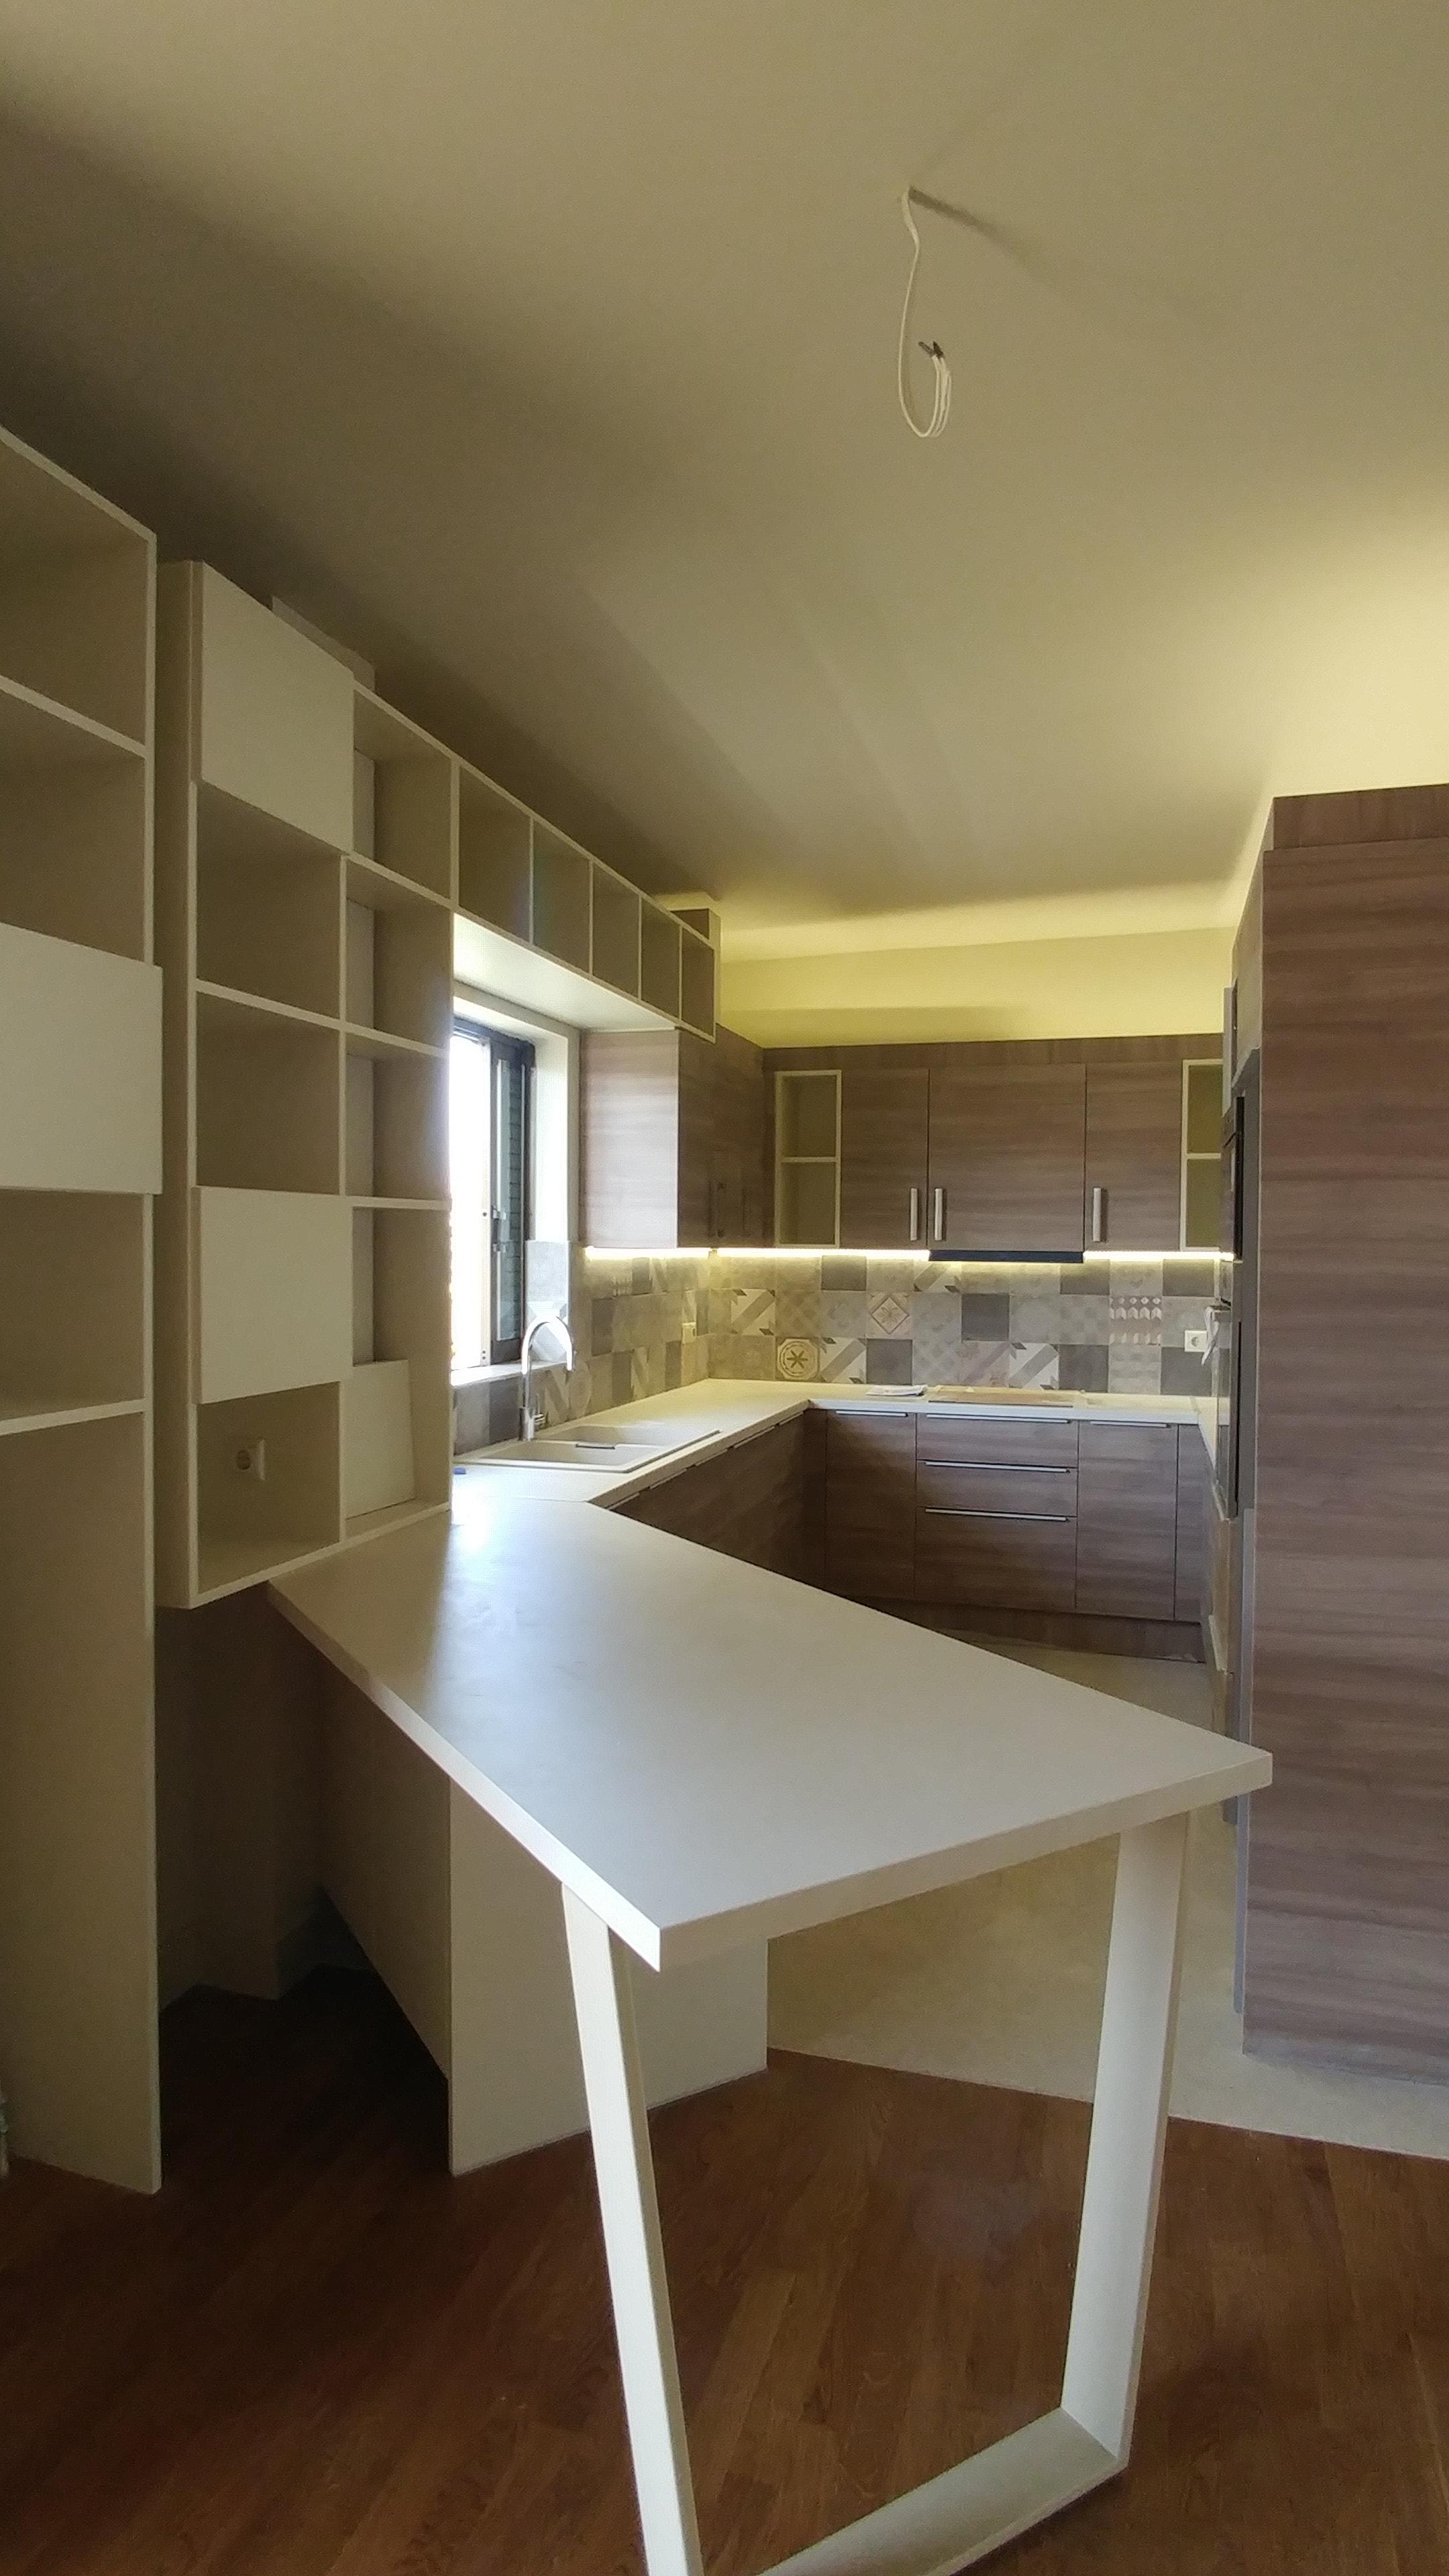 Ανακαίνιση κουζίνας Φιλοθέη | OPUS